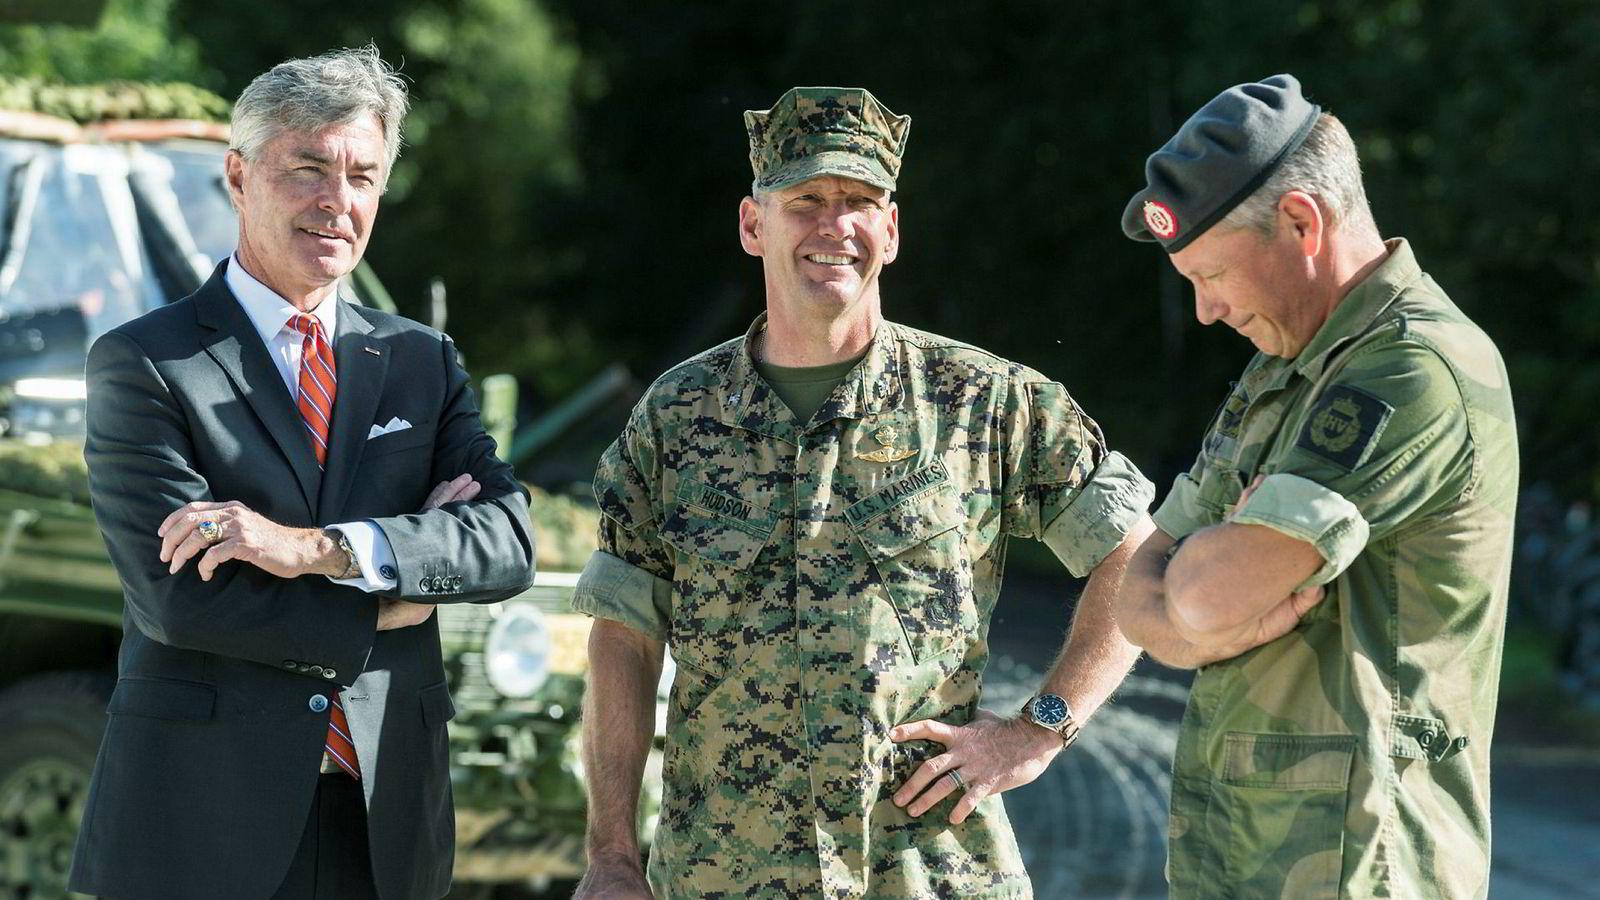 USAs ambassadør til Norge Kenneth J. Braithwaite (til venstre) legger press på Norge for å øke forsvarsbudsjettet. Her er han sammen med leder for US marines på Værnes oberst Hudson (i midten), og oberstløytnant Egil Haave fra HV-12.